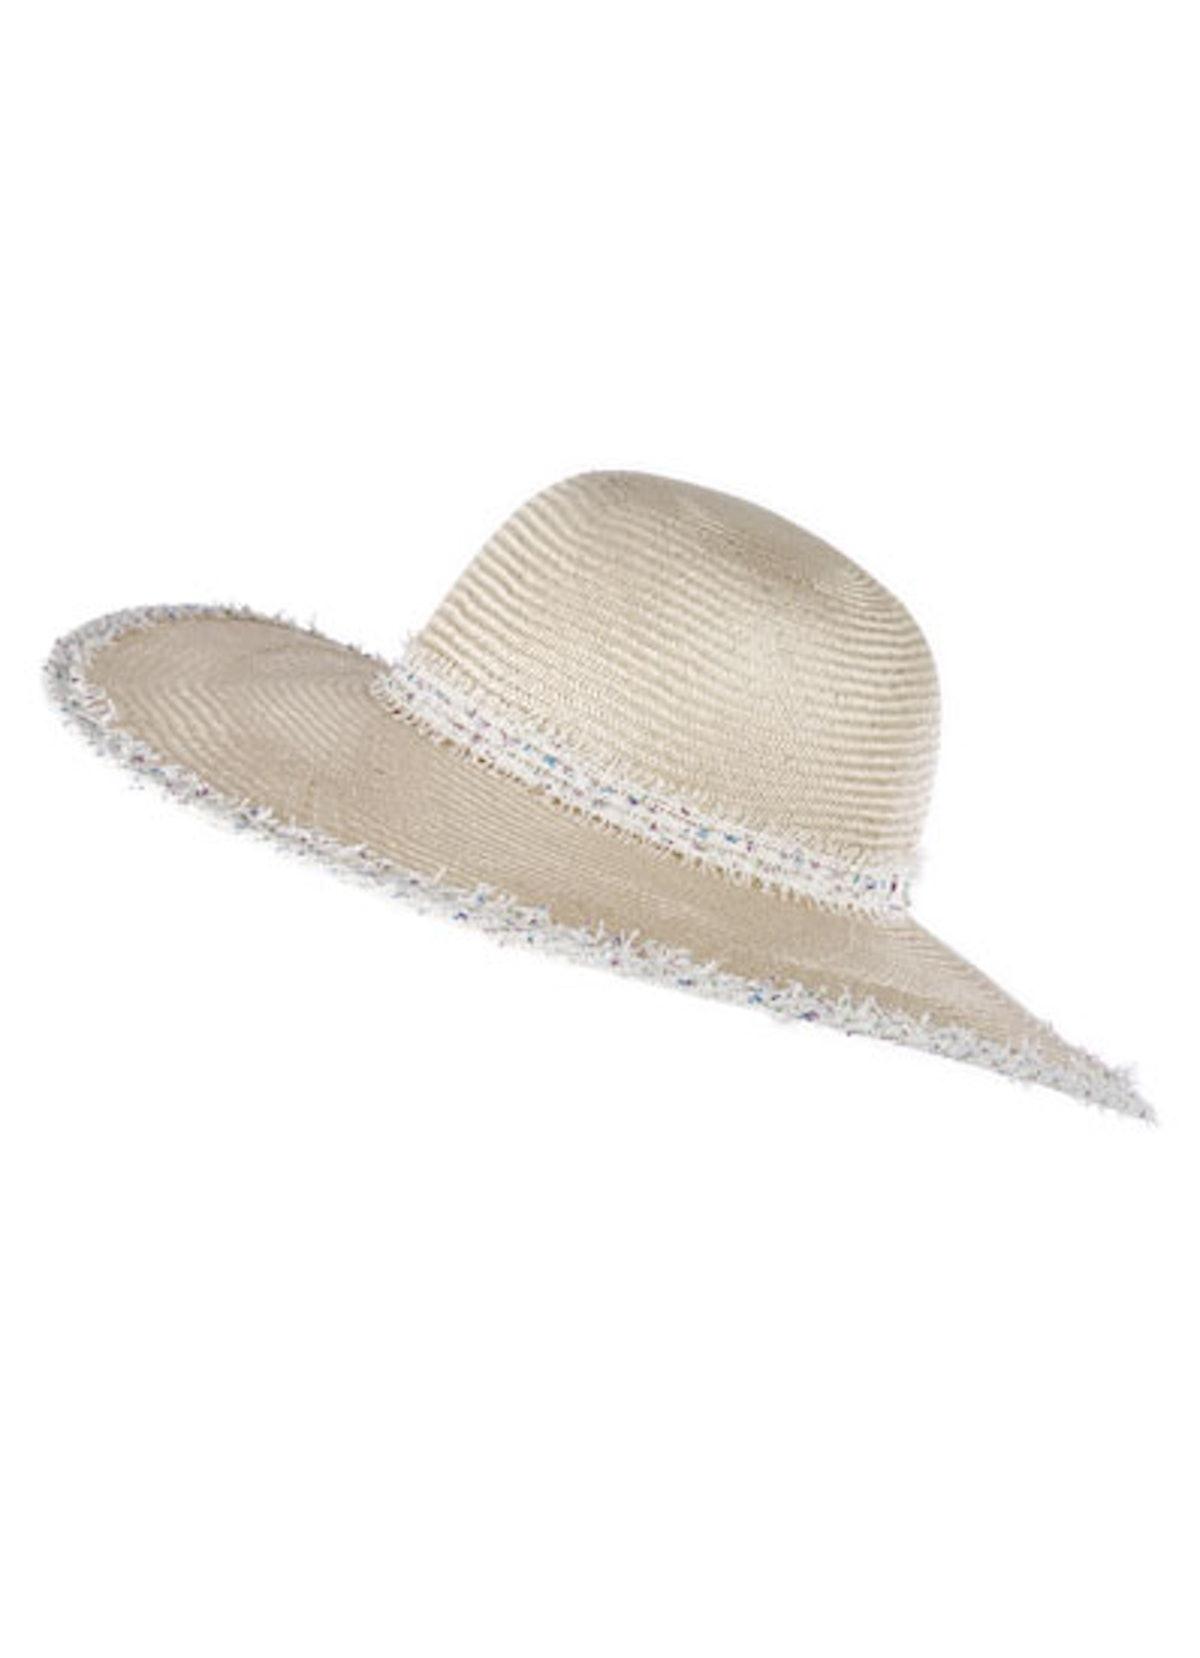 acss-summer-hats-02-v.jpg